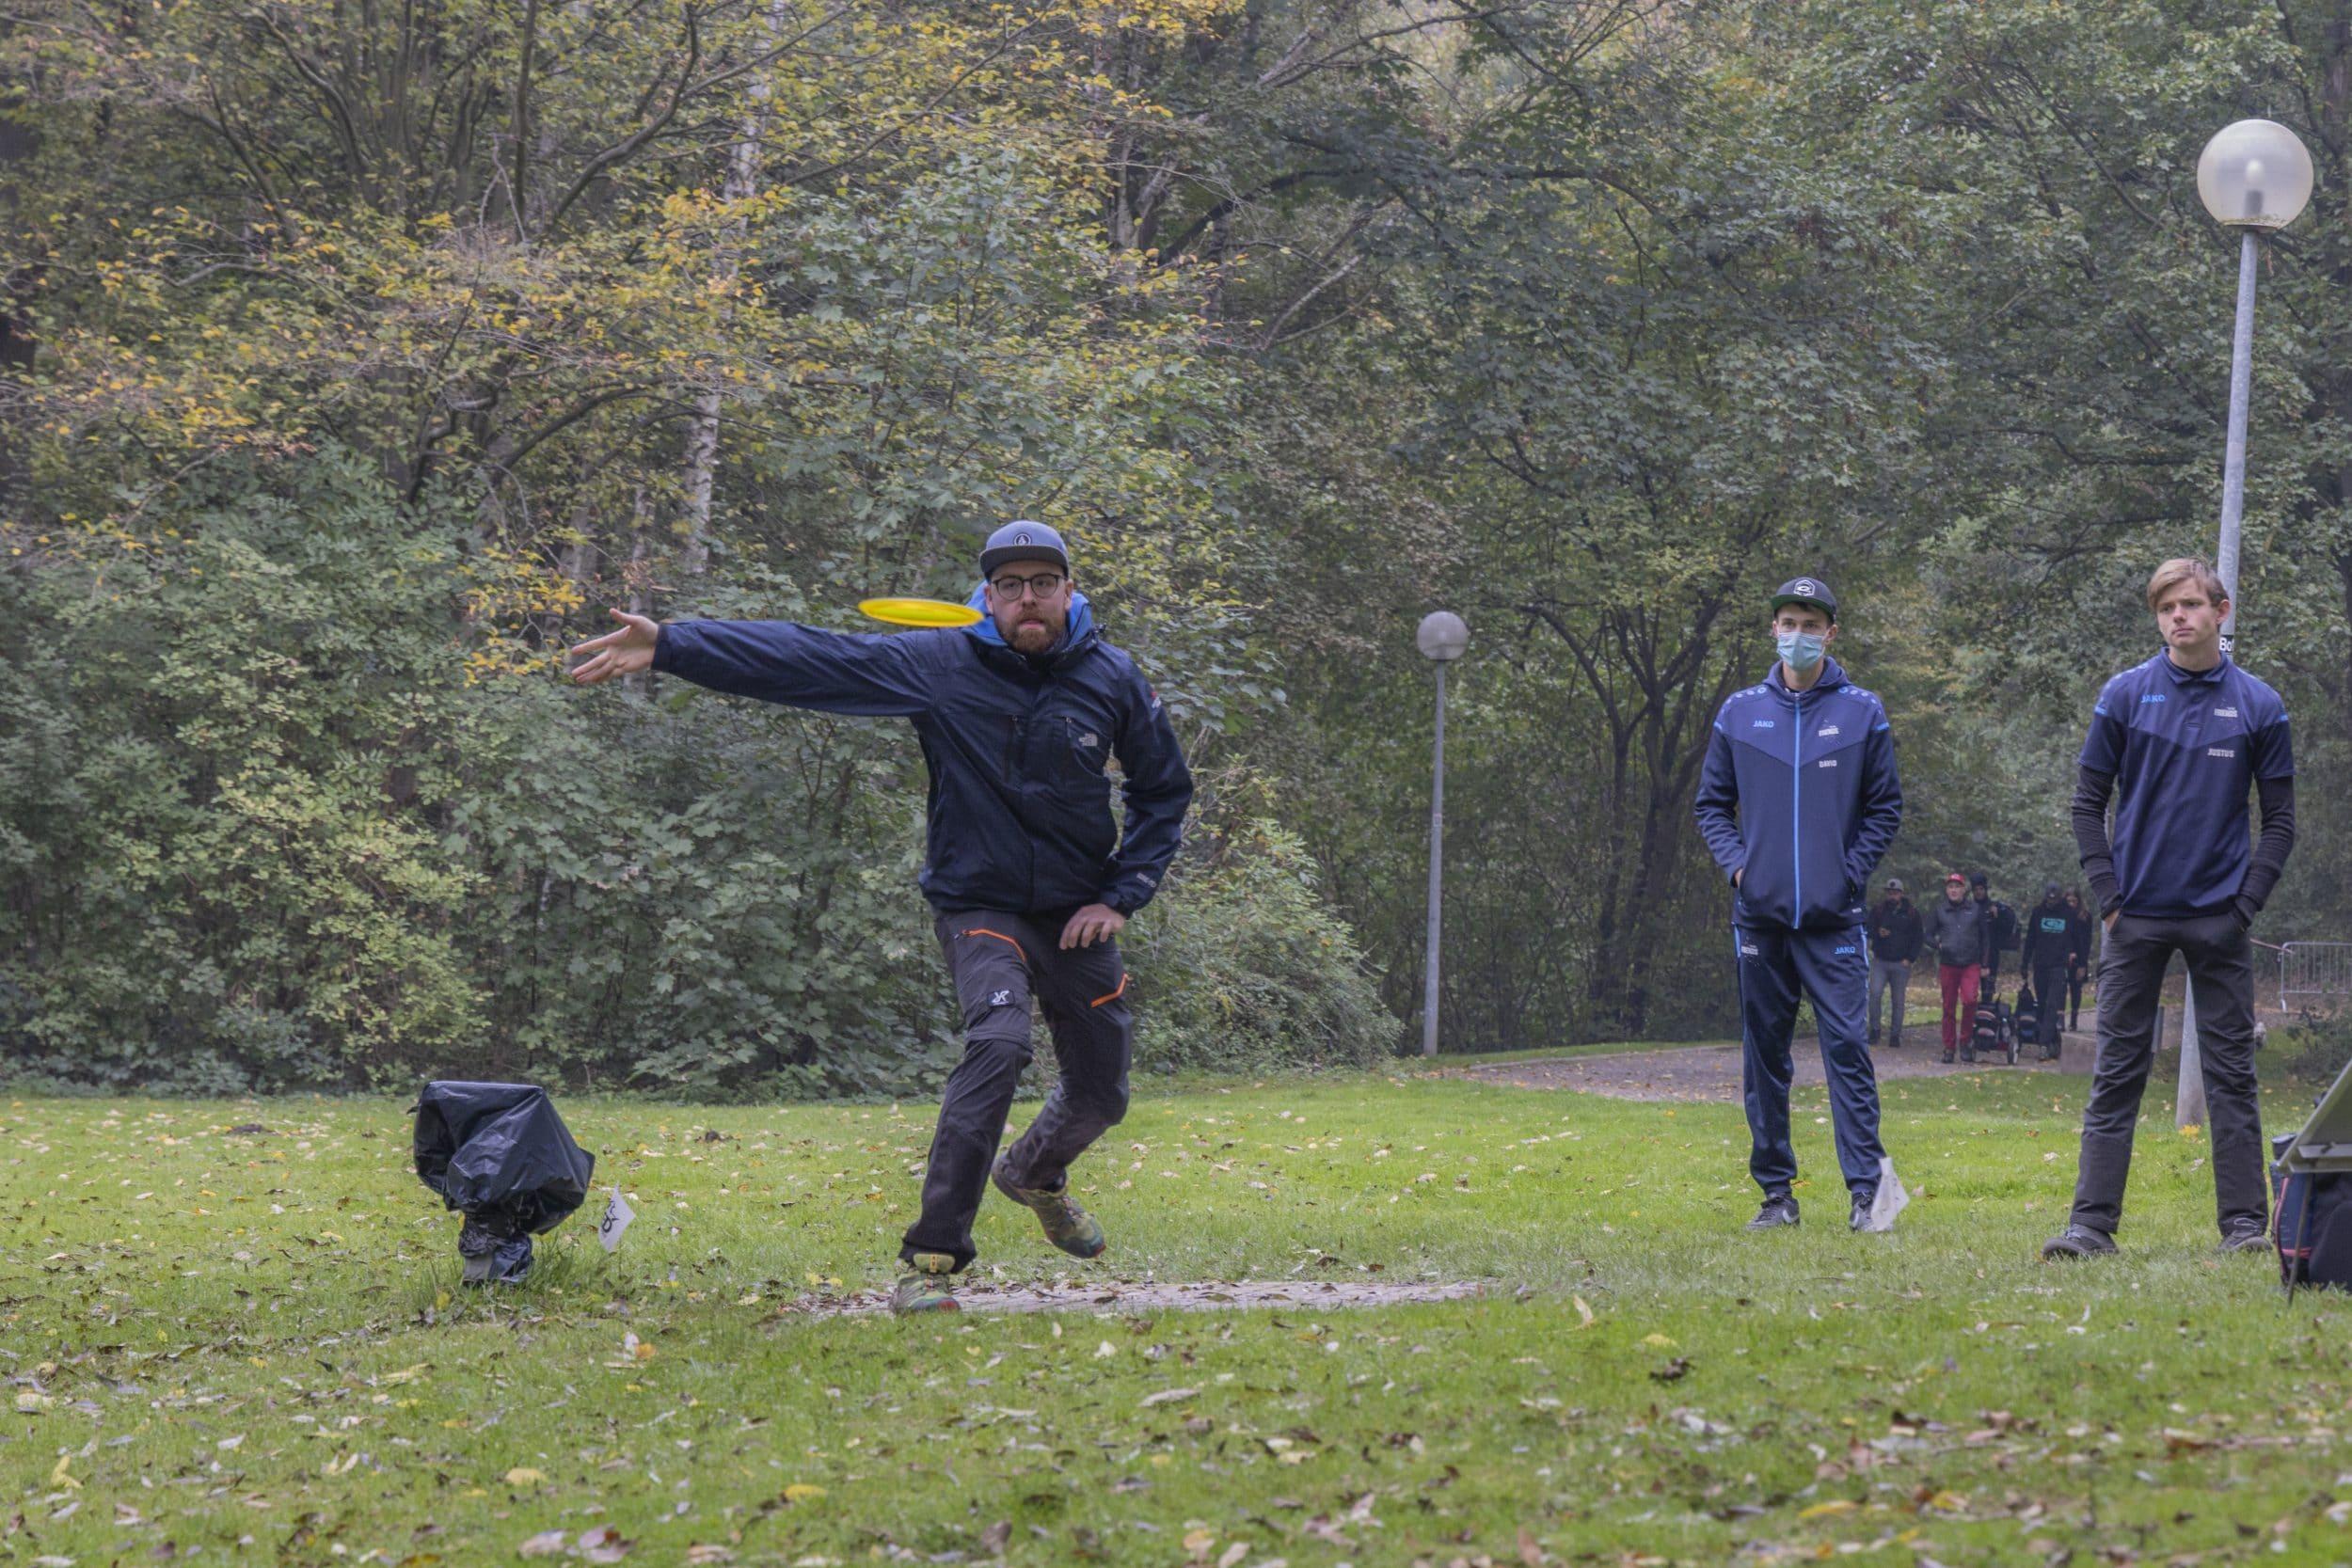 Bemerkenswert ist nicht nur die Präzision der Spitzenspieler, sondern auch die mitunter mit nur einem Wurf zurückgelegte Entfernung. (Fotos: IN-StadtMagazine)